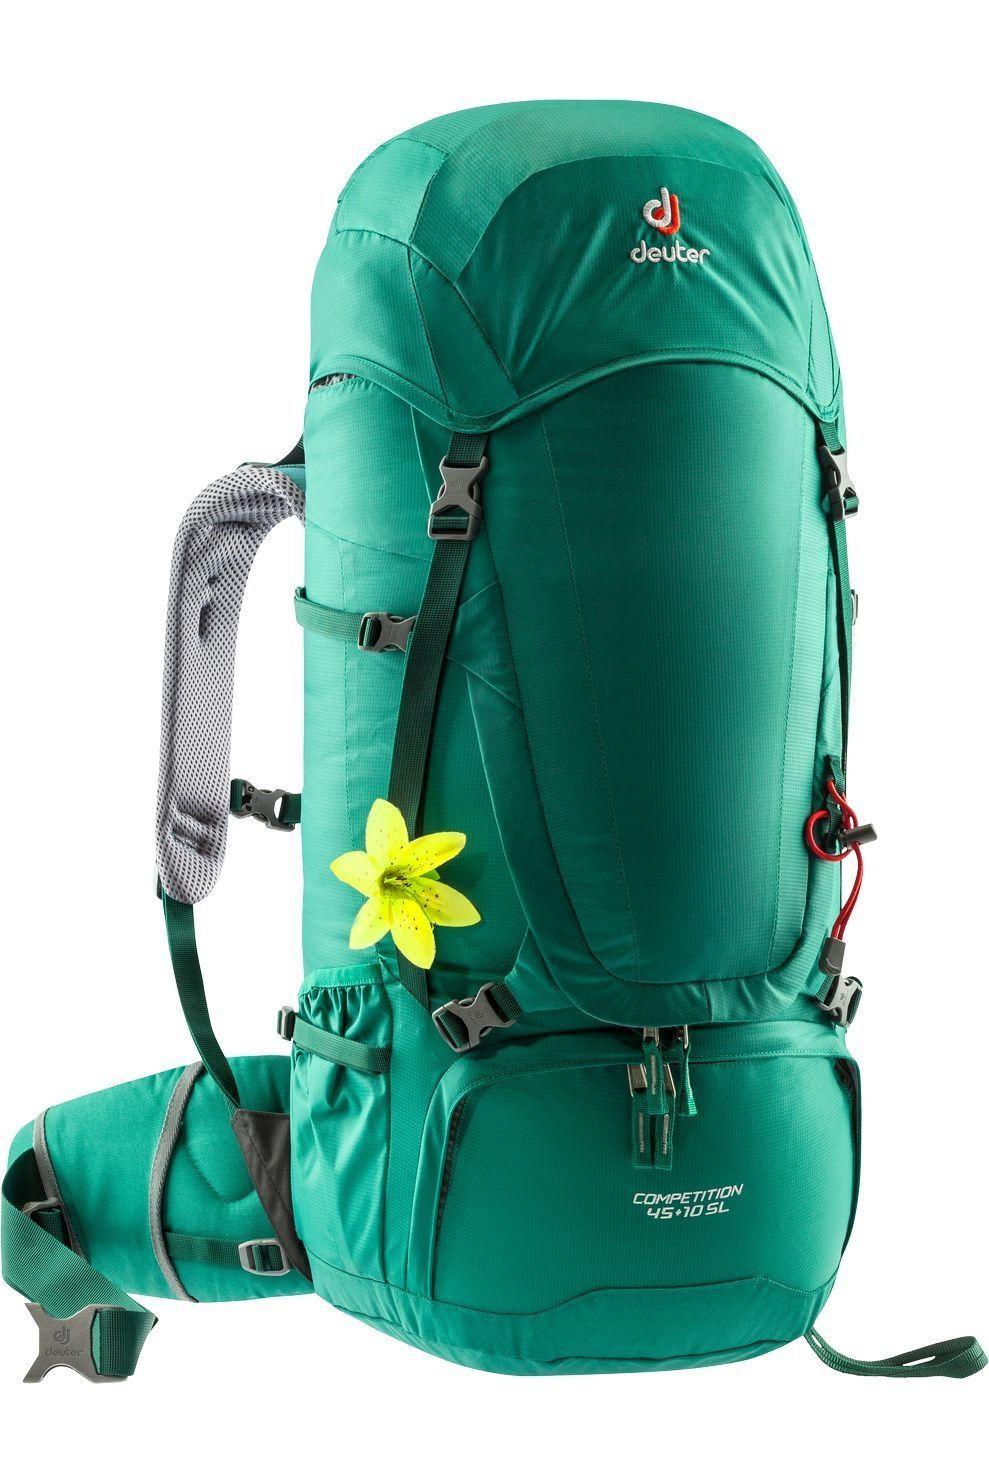 Deuter Tourpack Competition 45+10 SL voor dames - Blauw